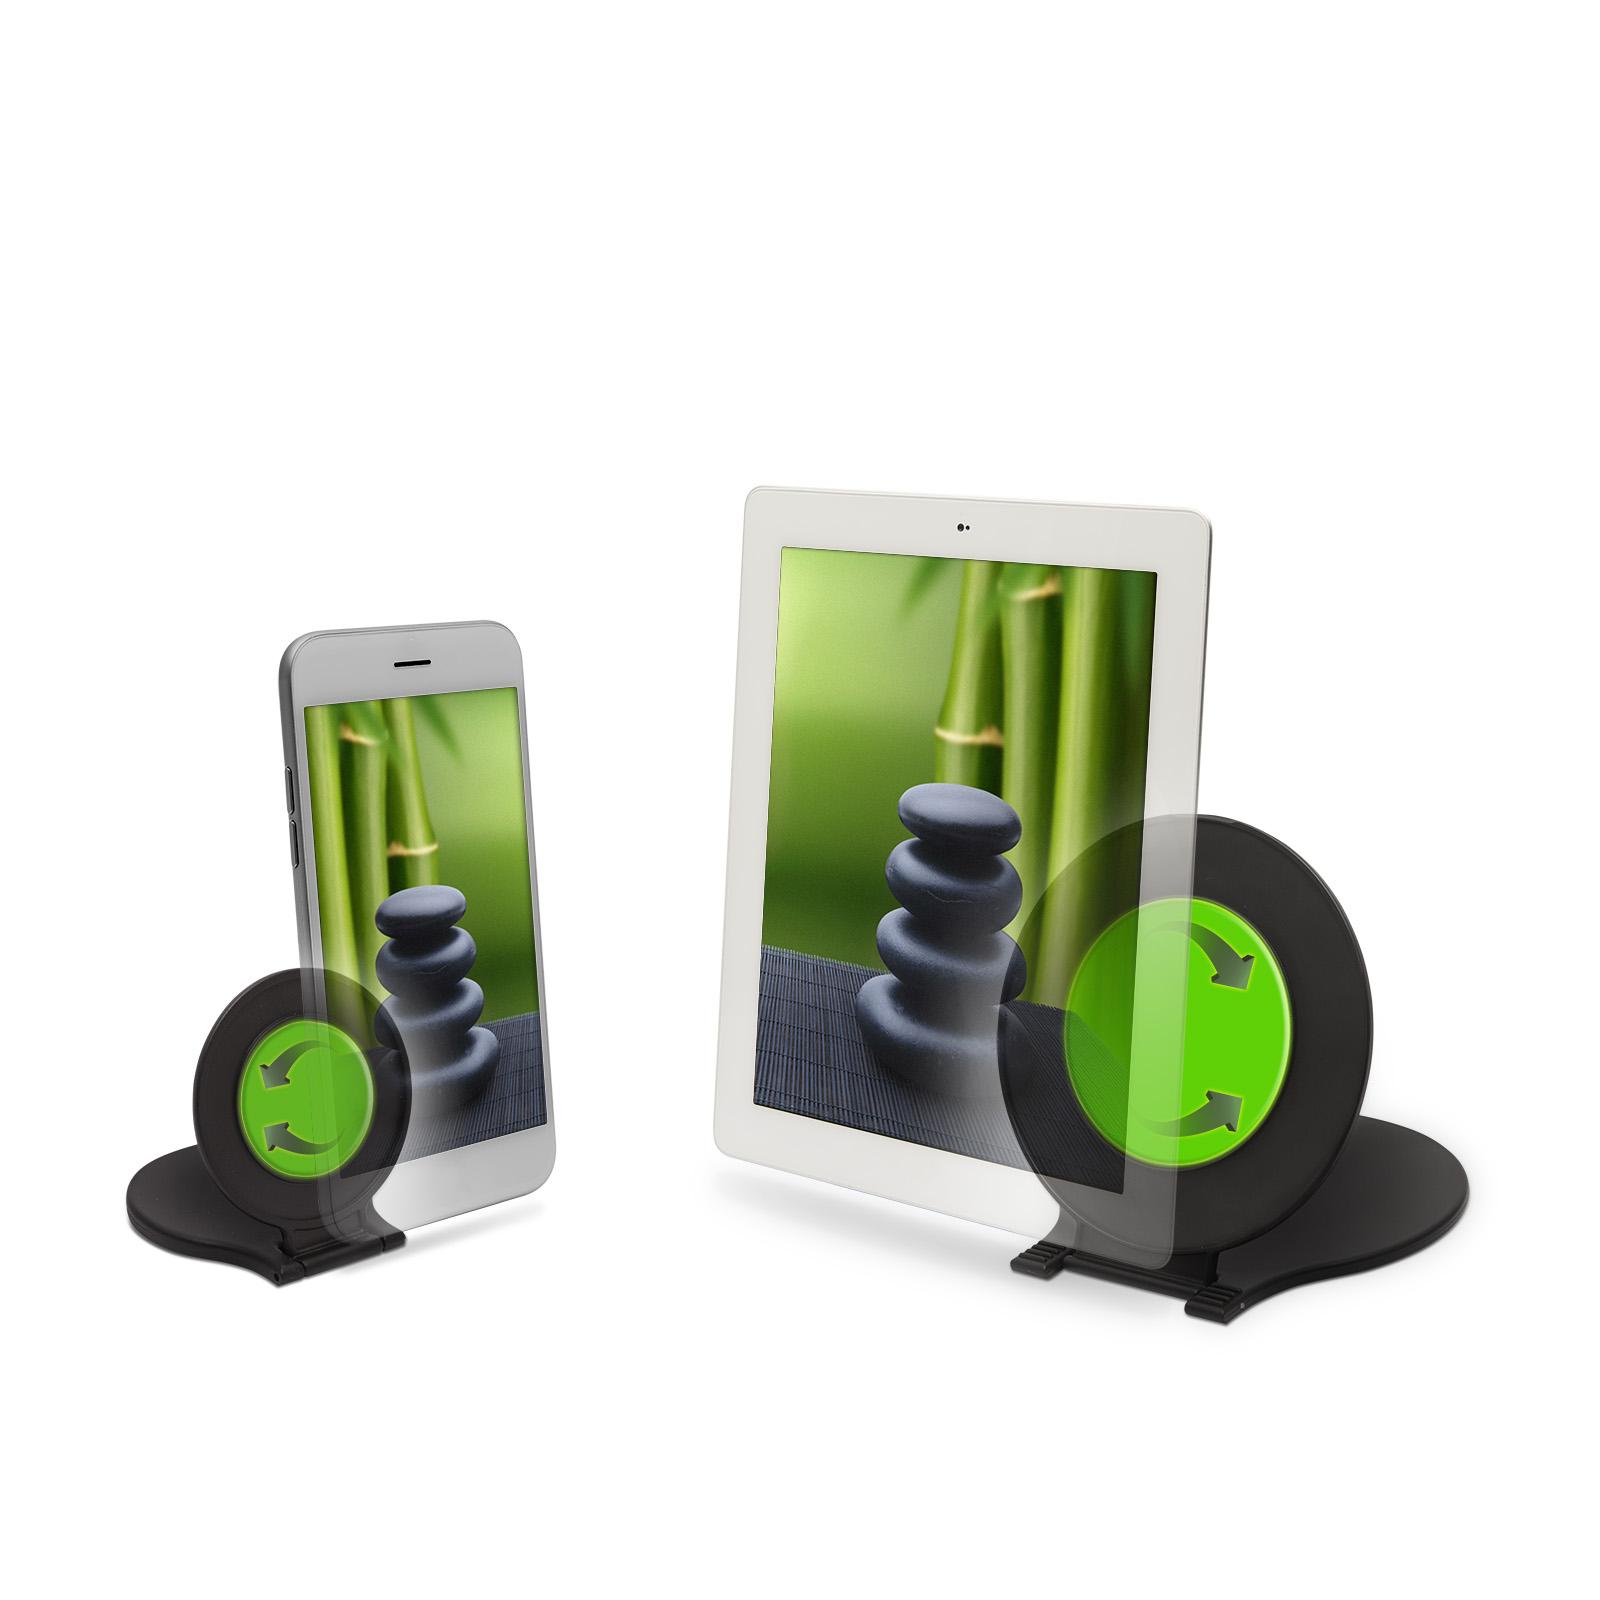 MNC One Touch Univerzal Holder - držák mobilu a tabletu (Sada 2 držáků - na tablet a na mobilní telefon, uchycení nano technologií)